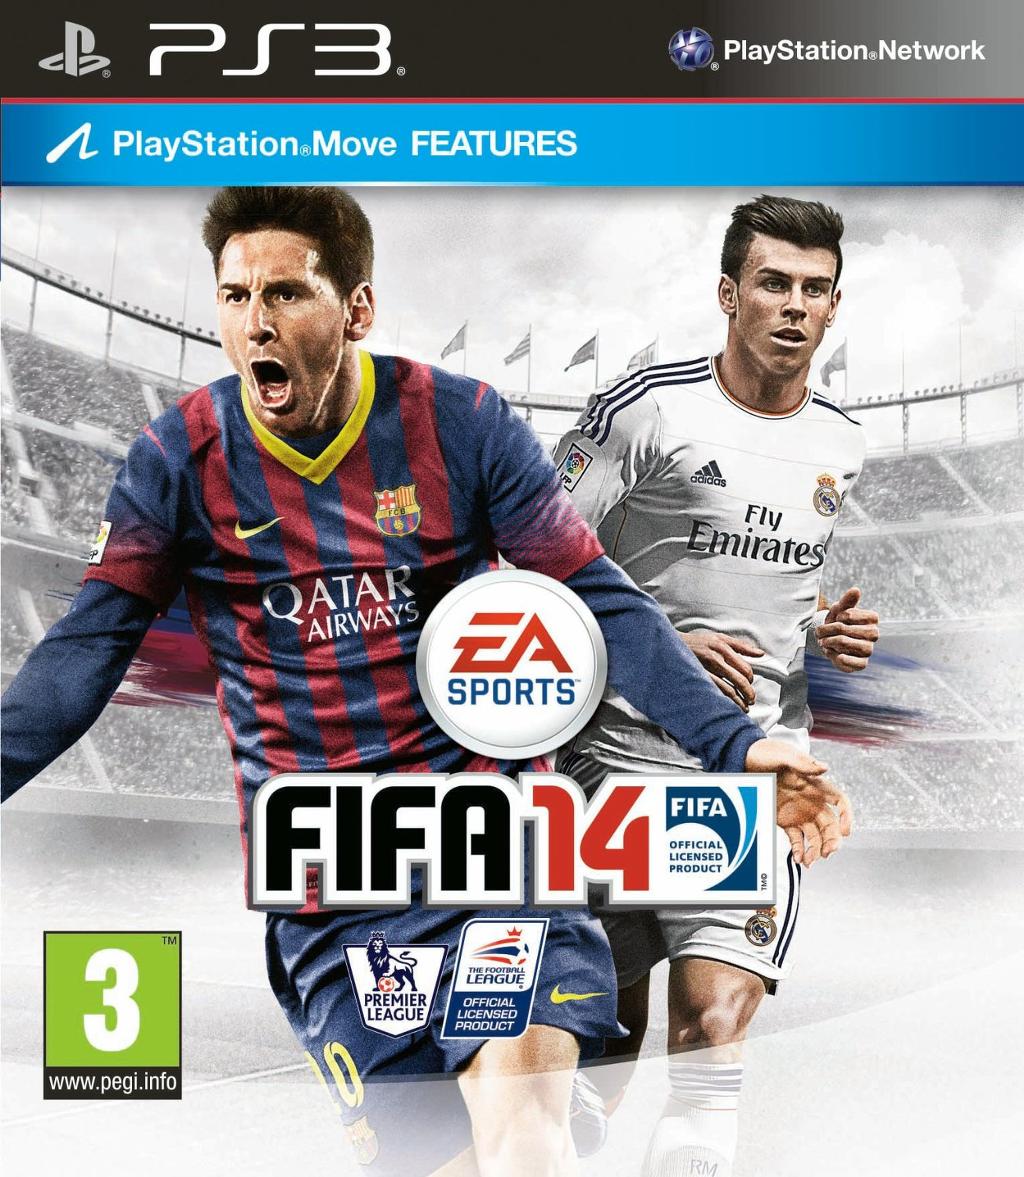 Fifa 14 Hungary Home: تغيير الغلاف الرسمي للعبة FIFA 14 بنسختها البريطانية